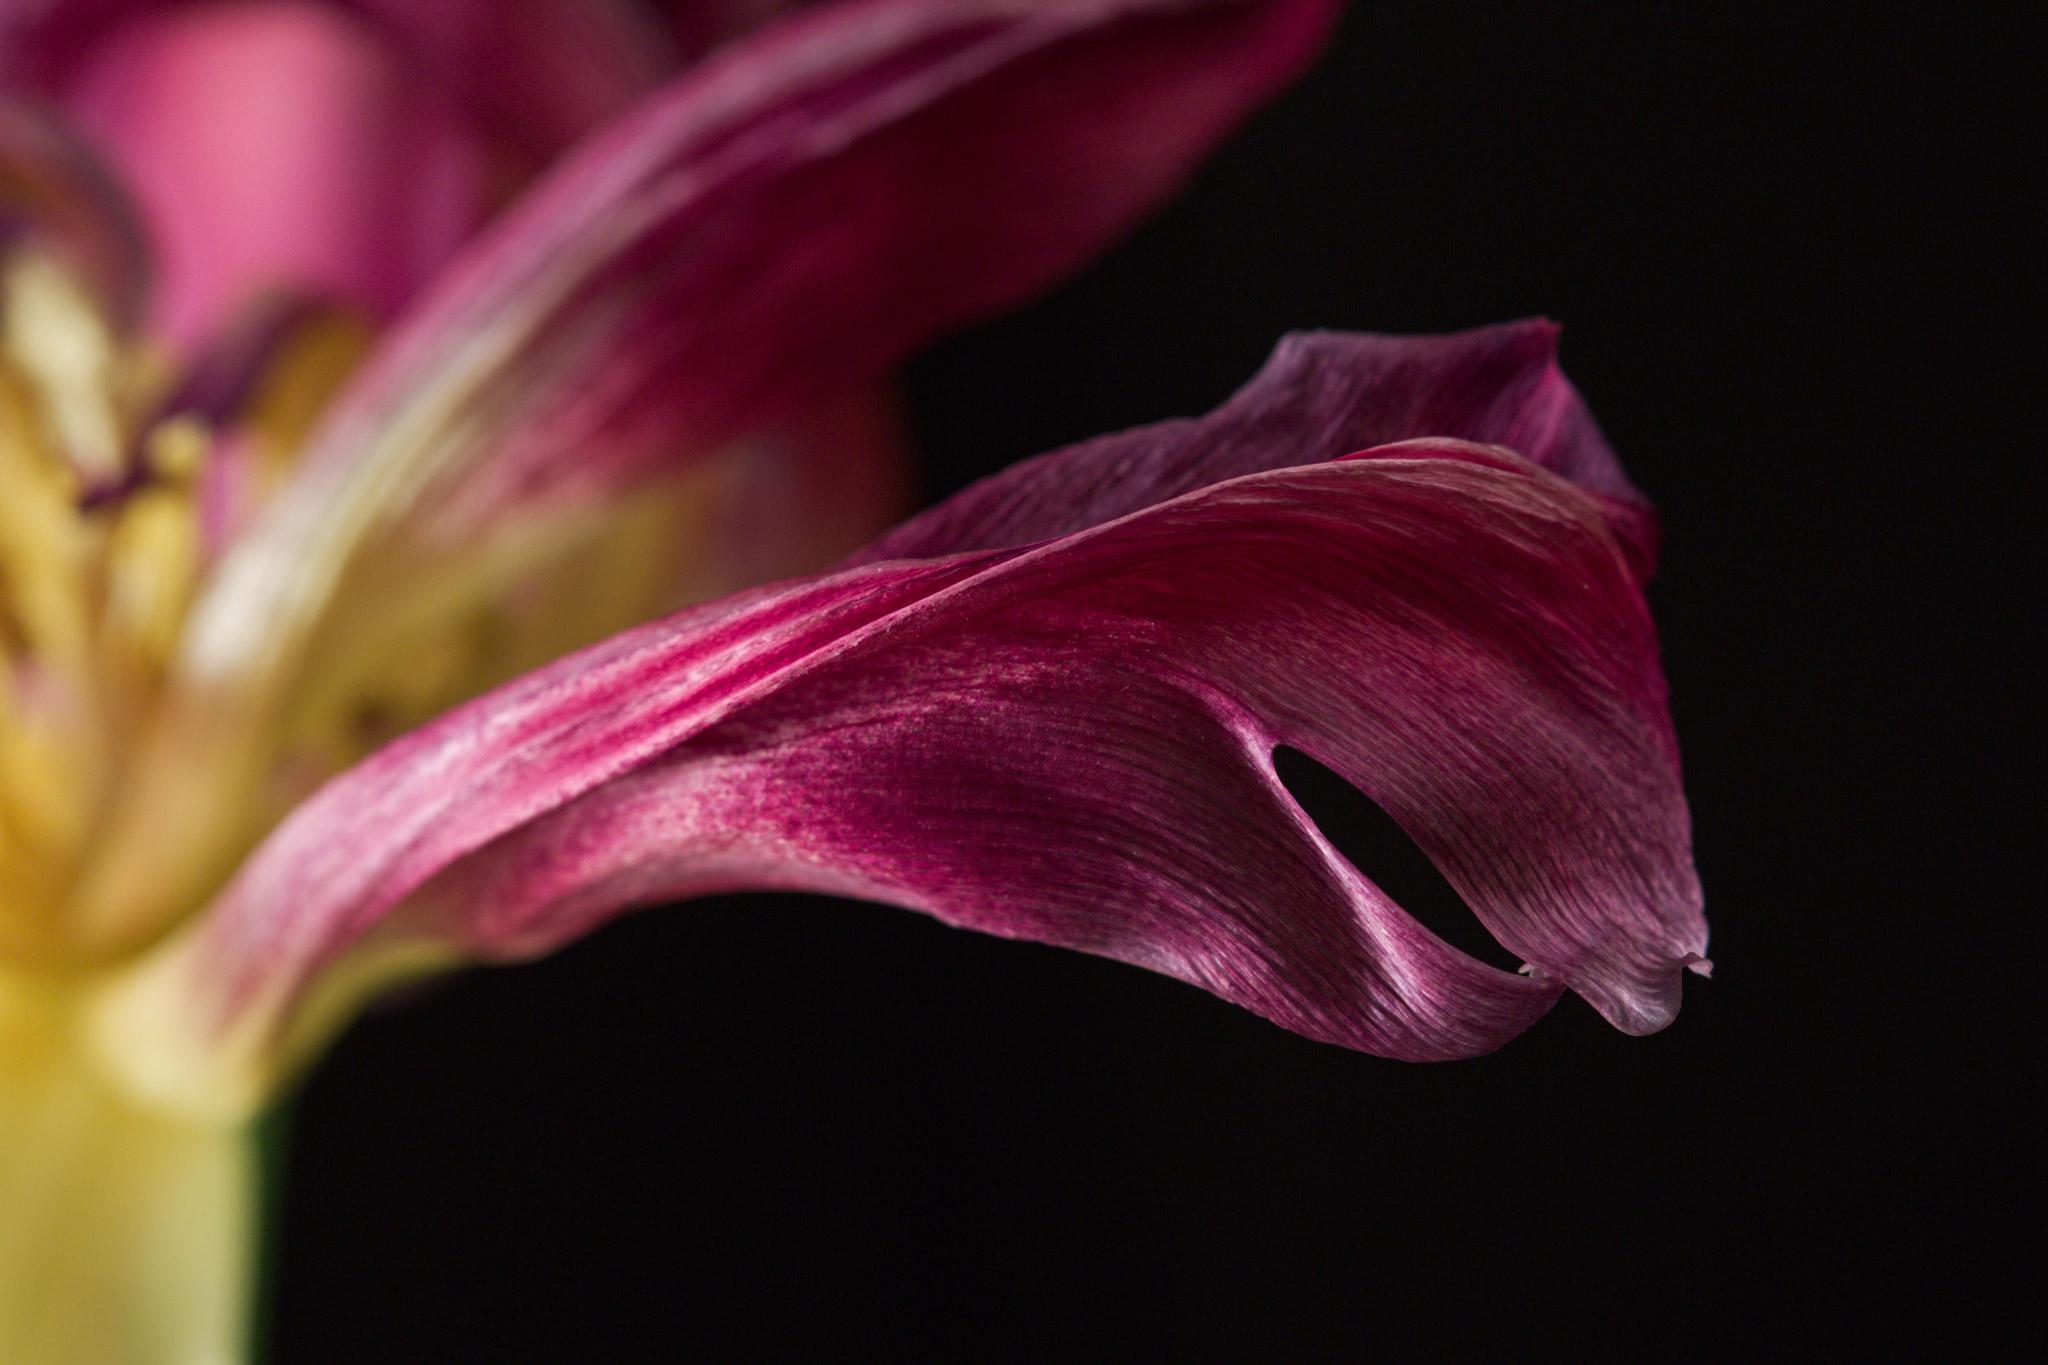 Tulpendetail (Foto: Alois Komenda)